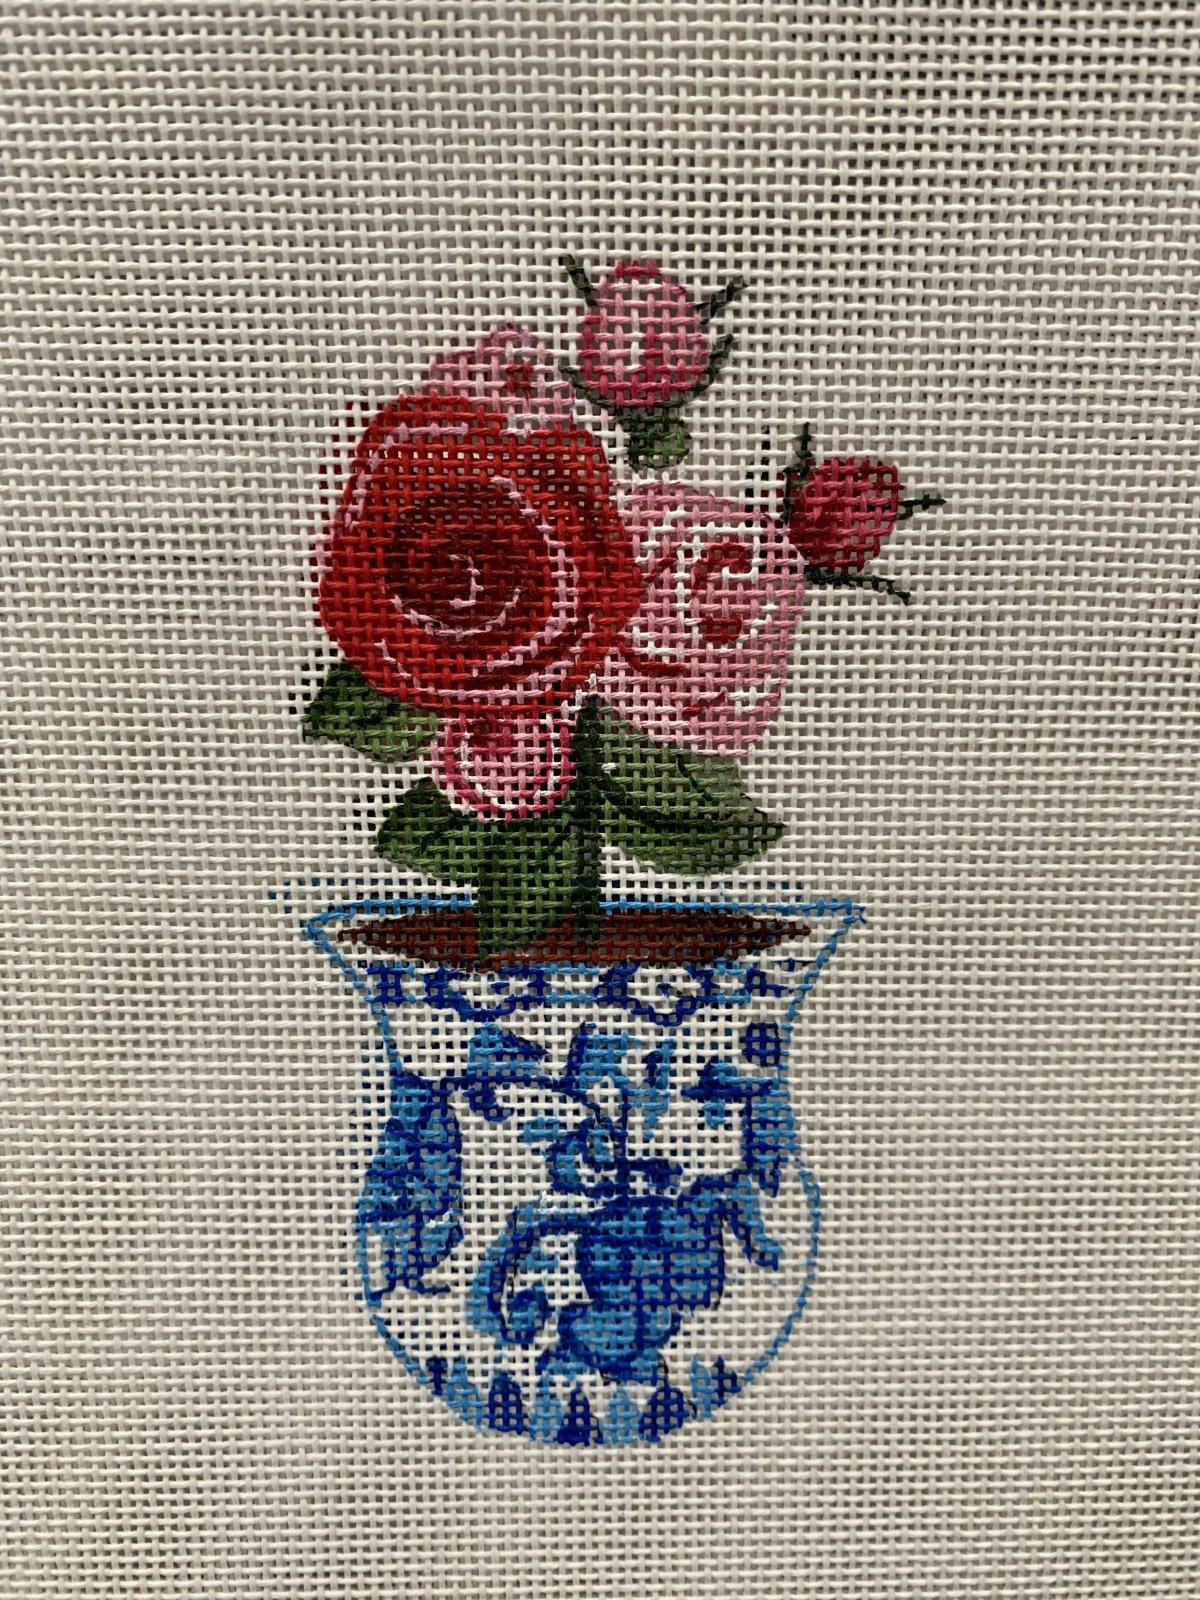 Roses SB 1009